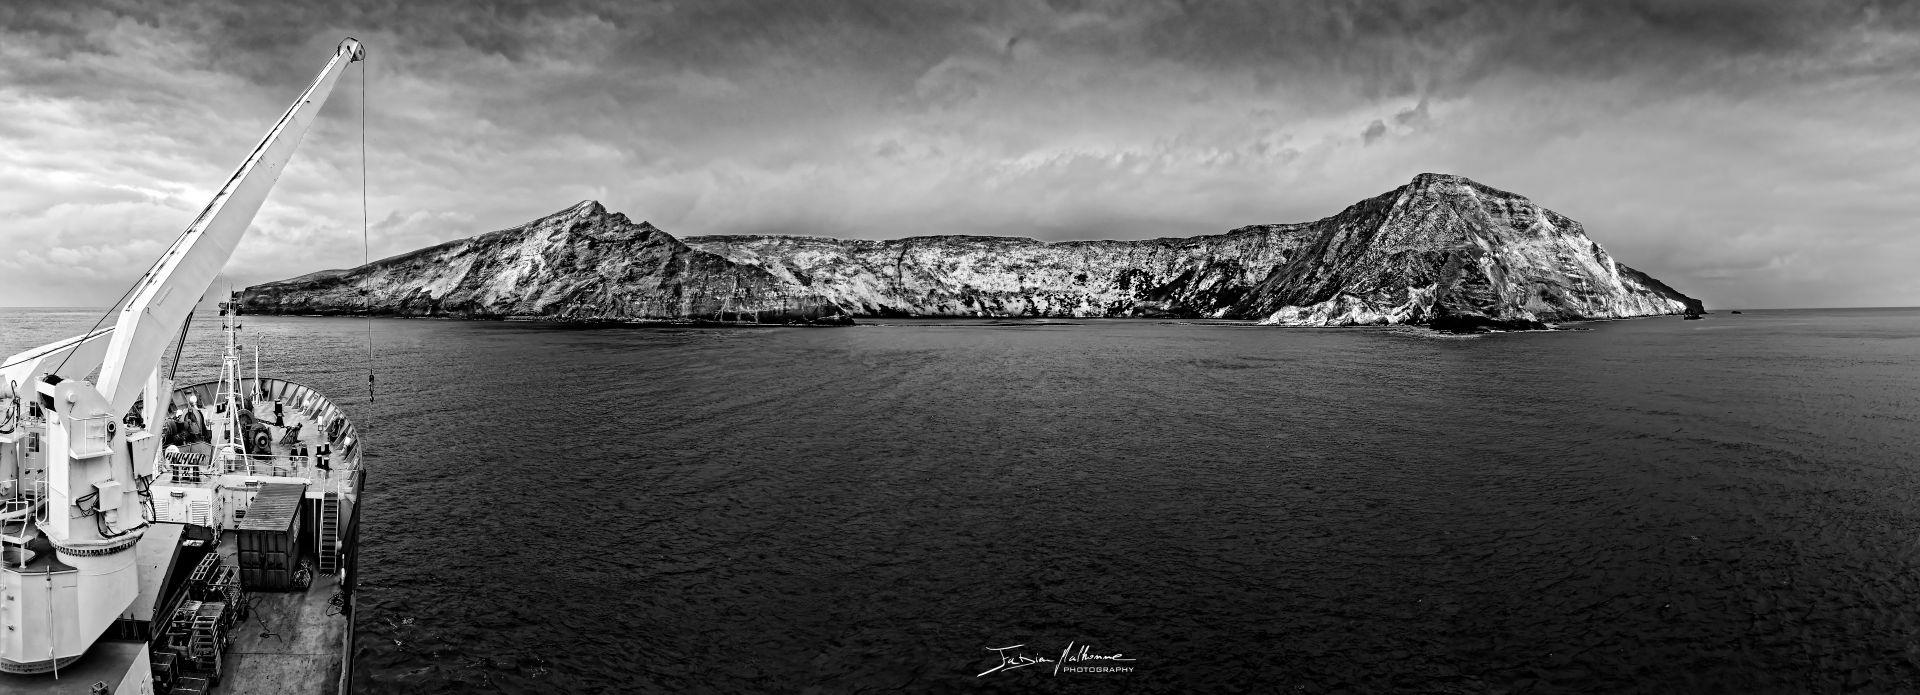 Baie du Marin - Crozet